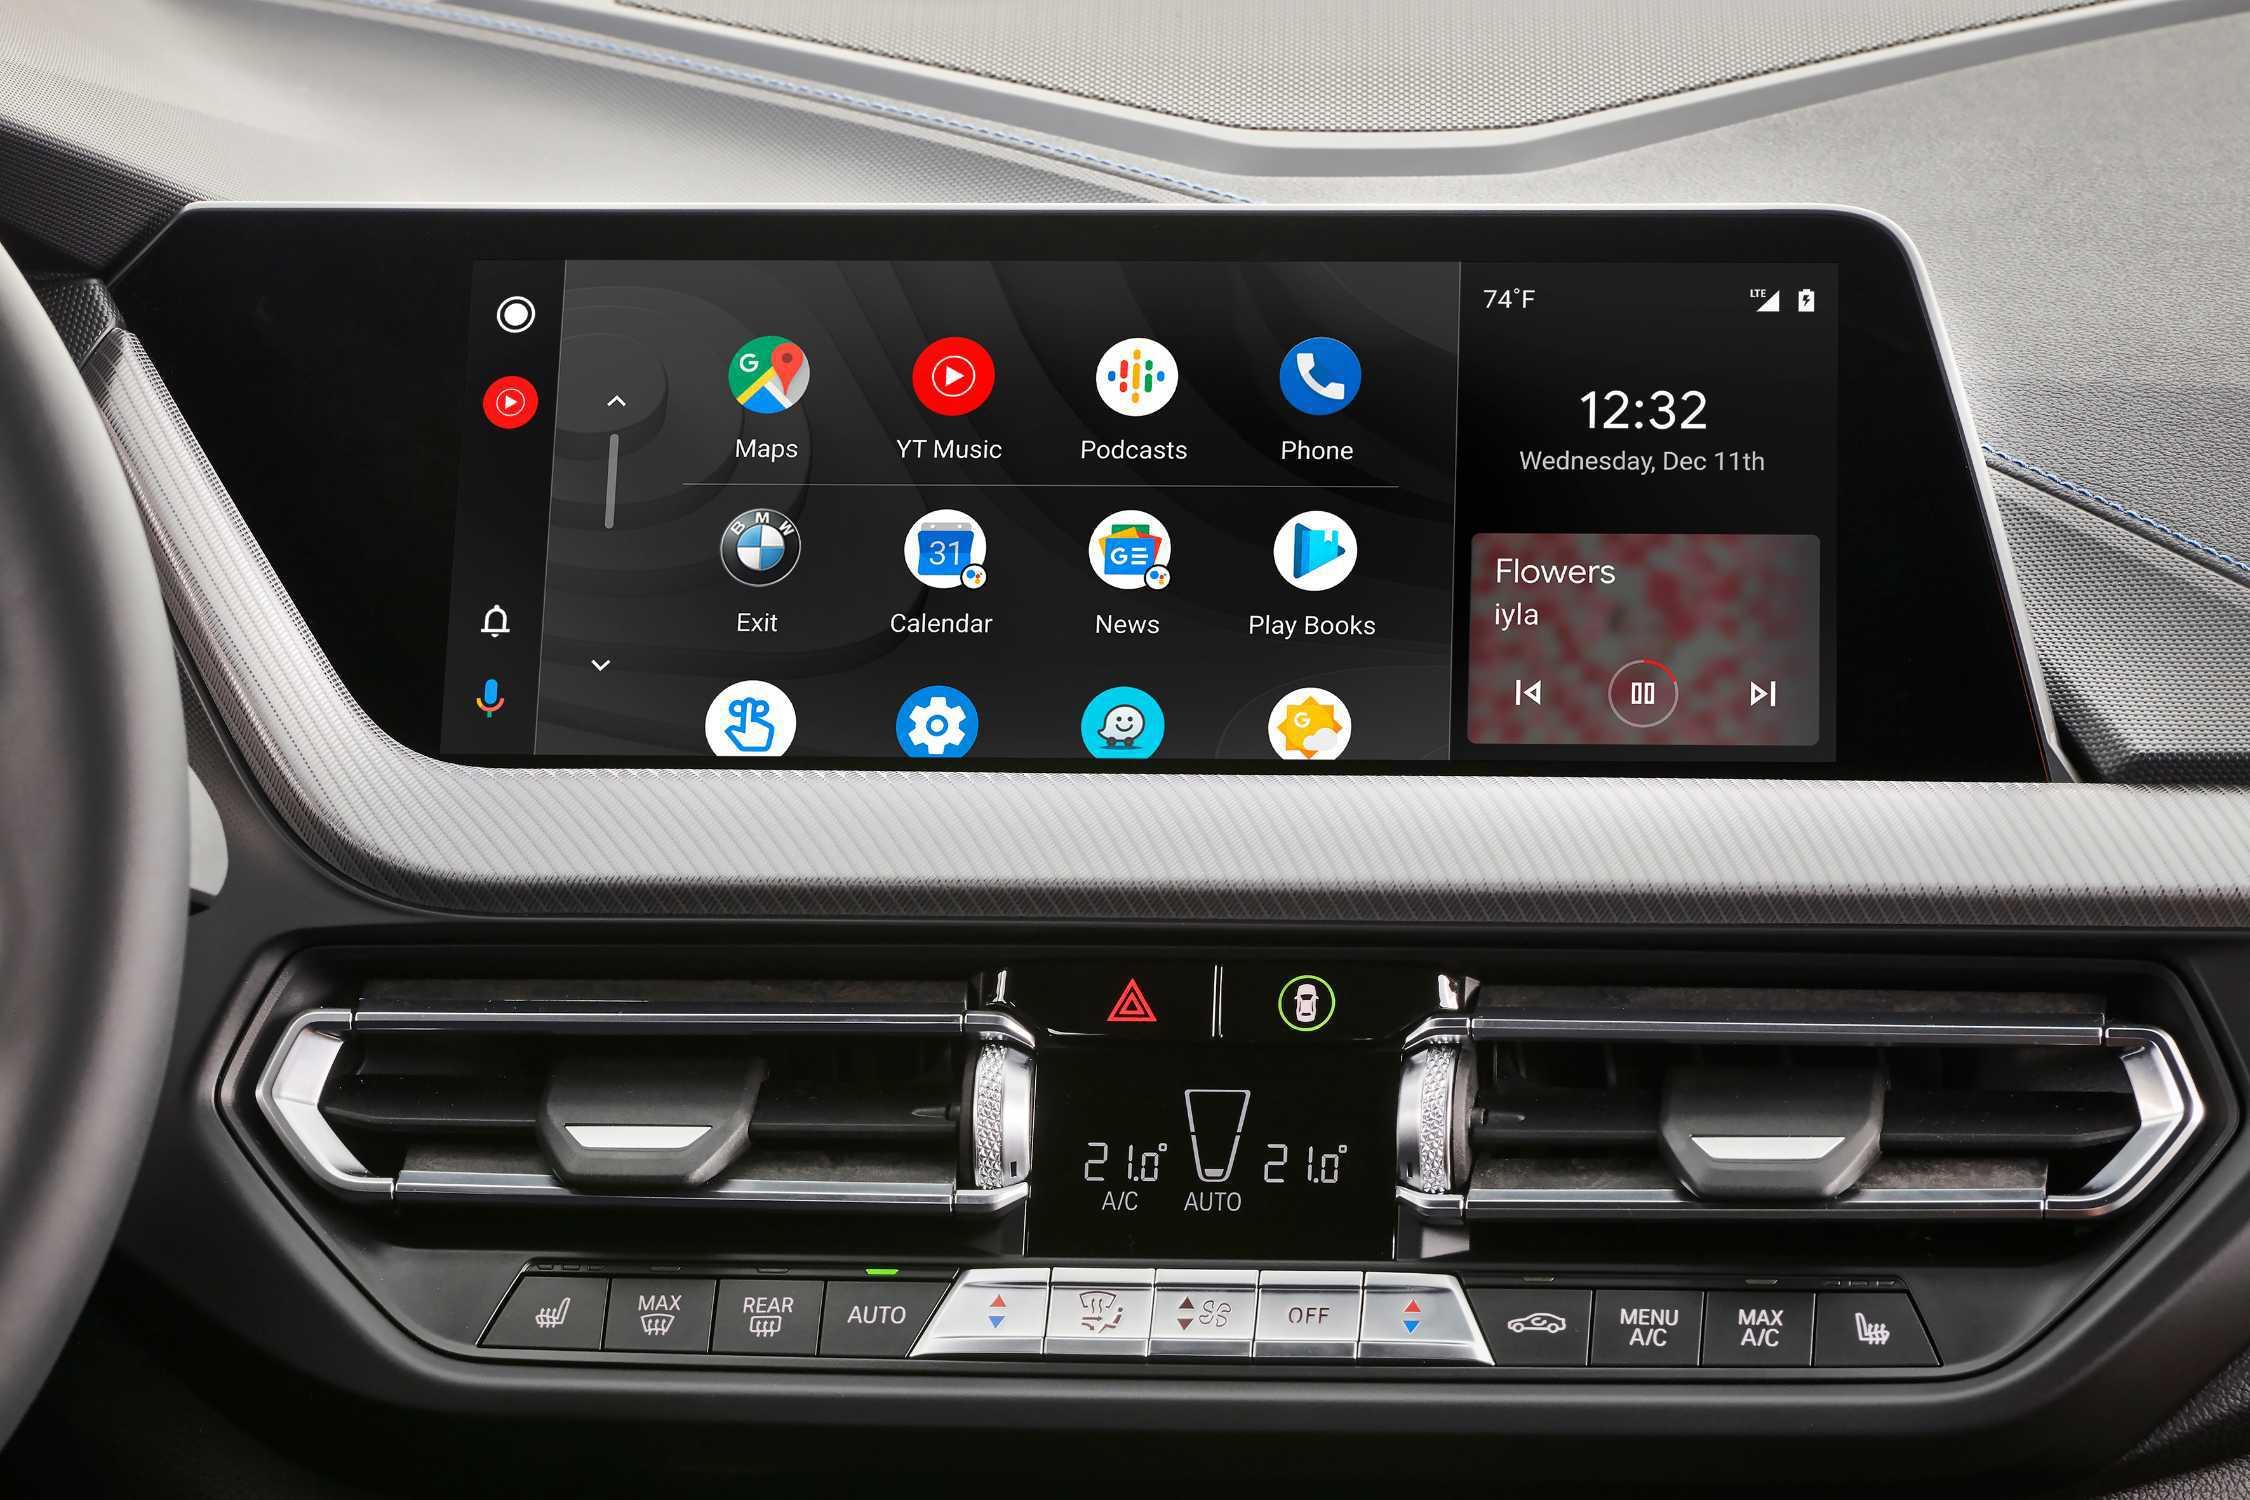 【祝】BMWにAndoroidユーザー待望の「Android Auto」がとうとう車載化!